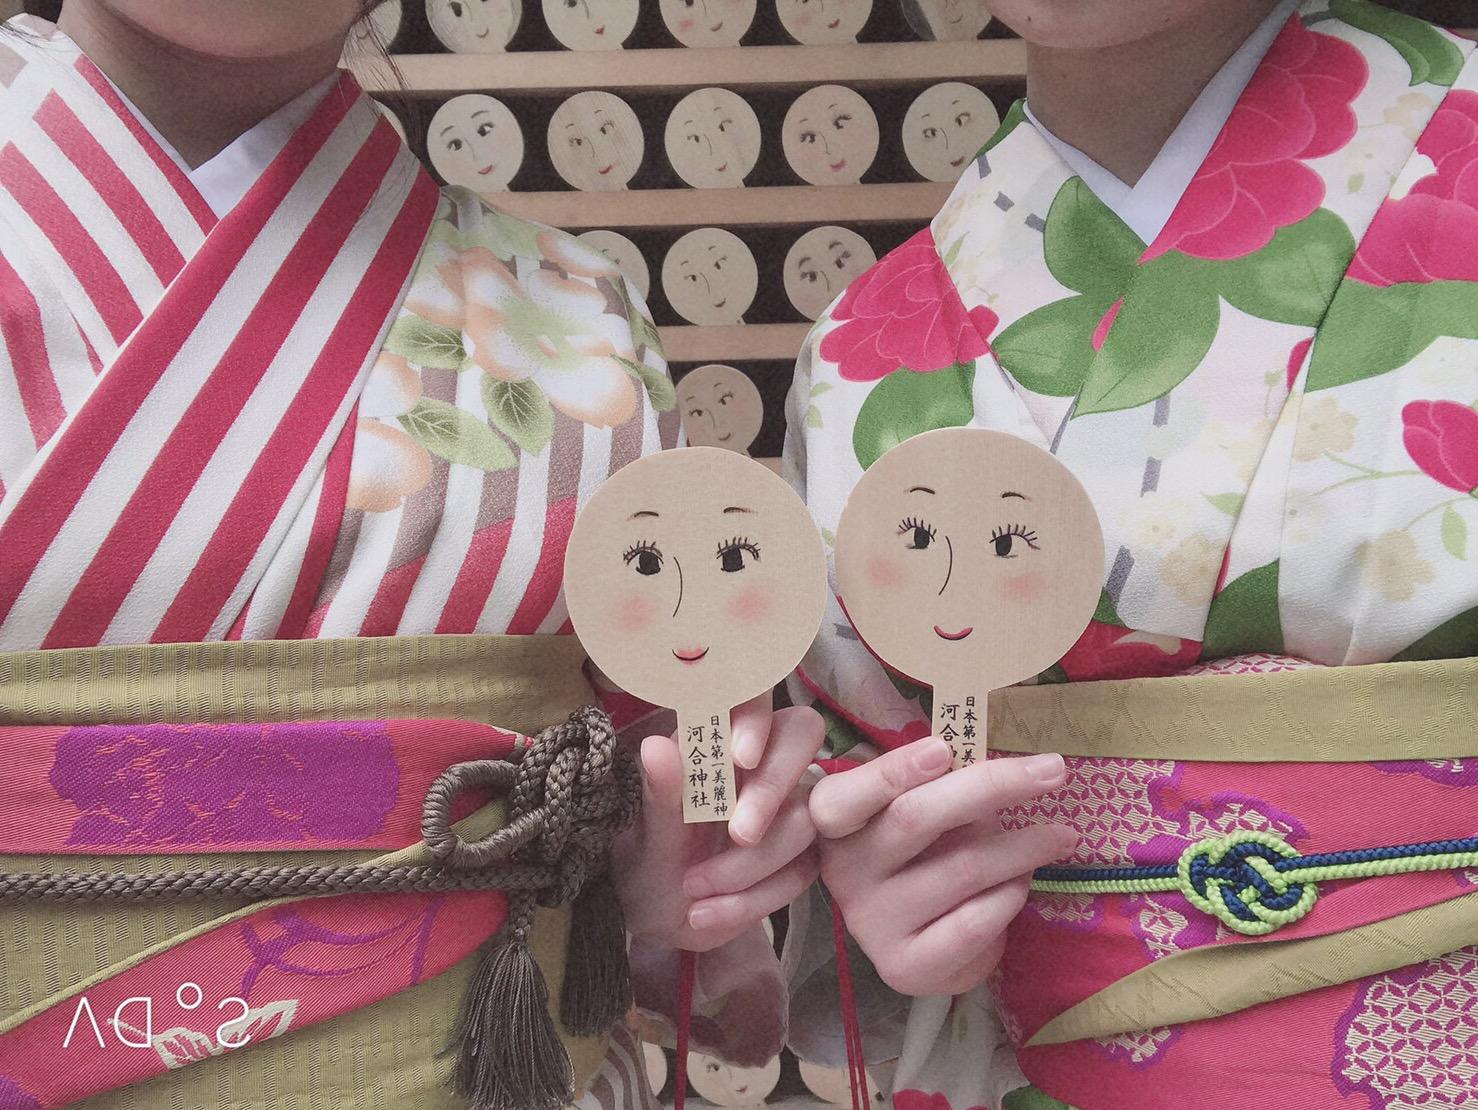 平成最後の昭和の日2019年4月29日12